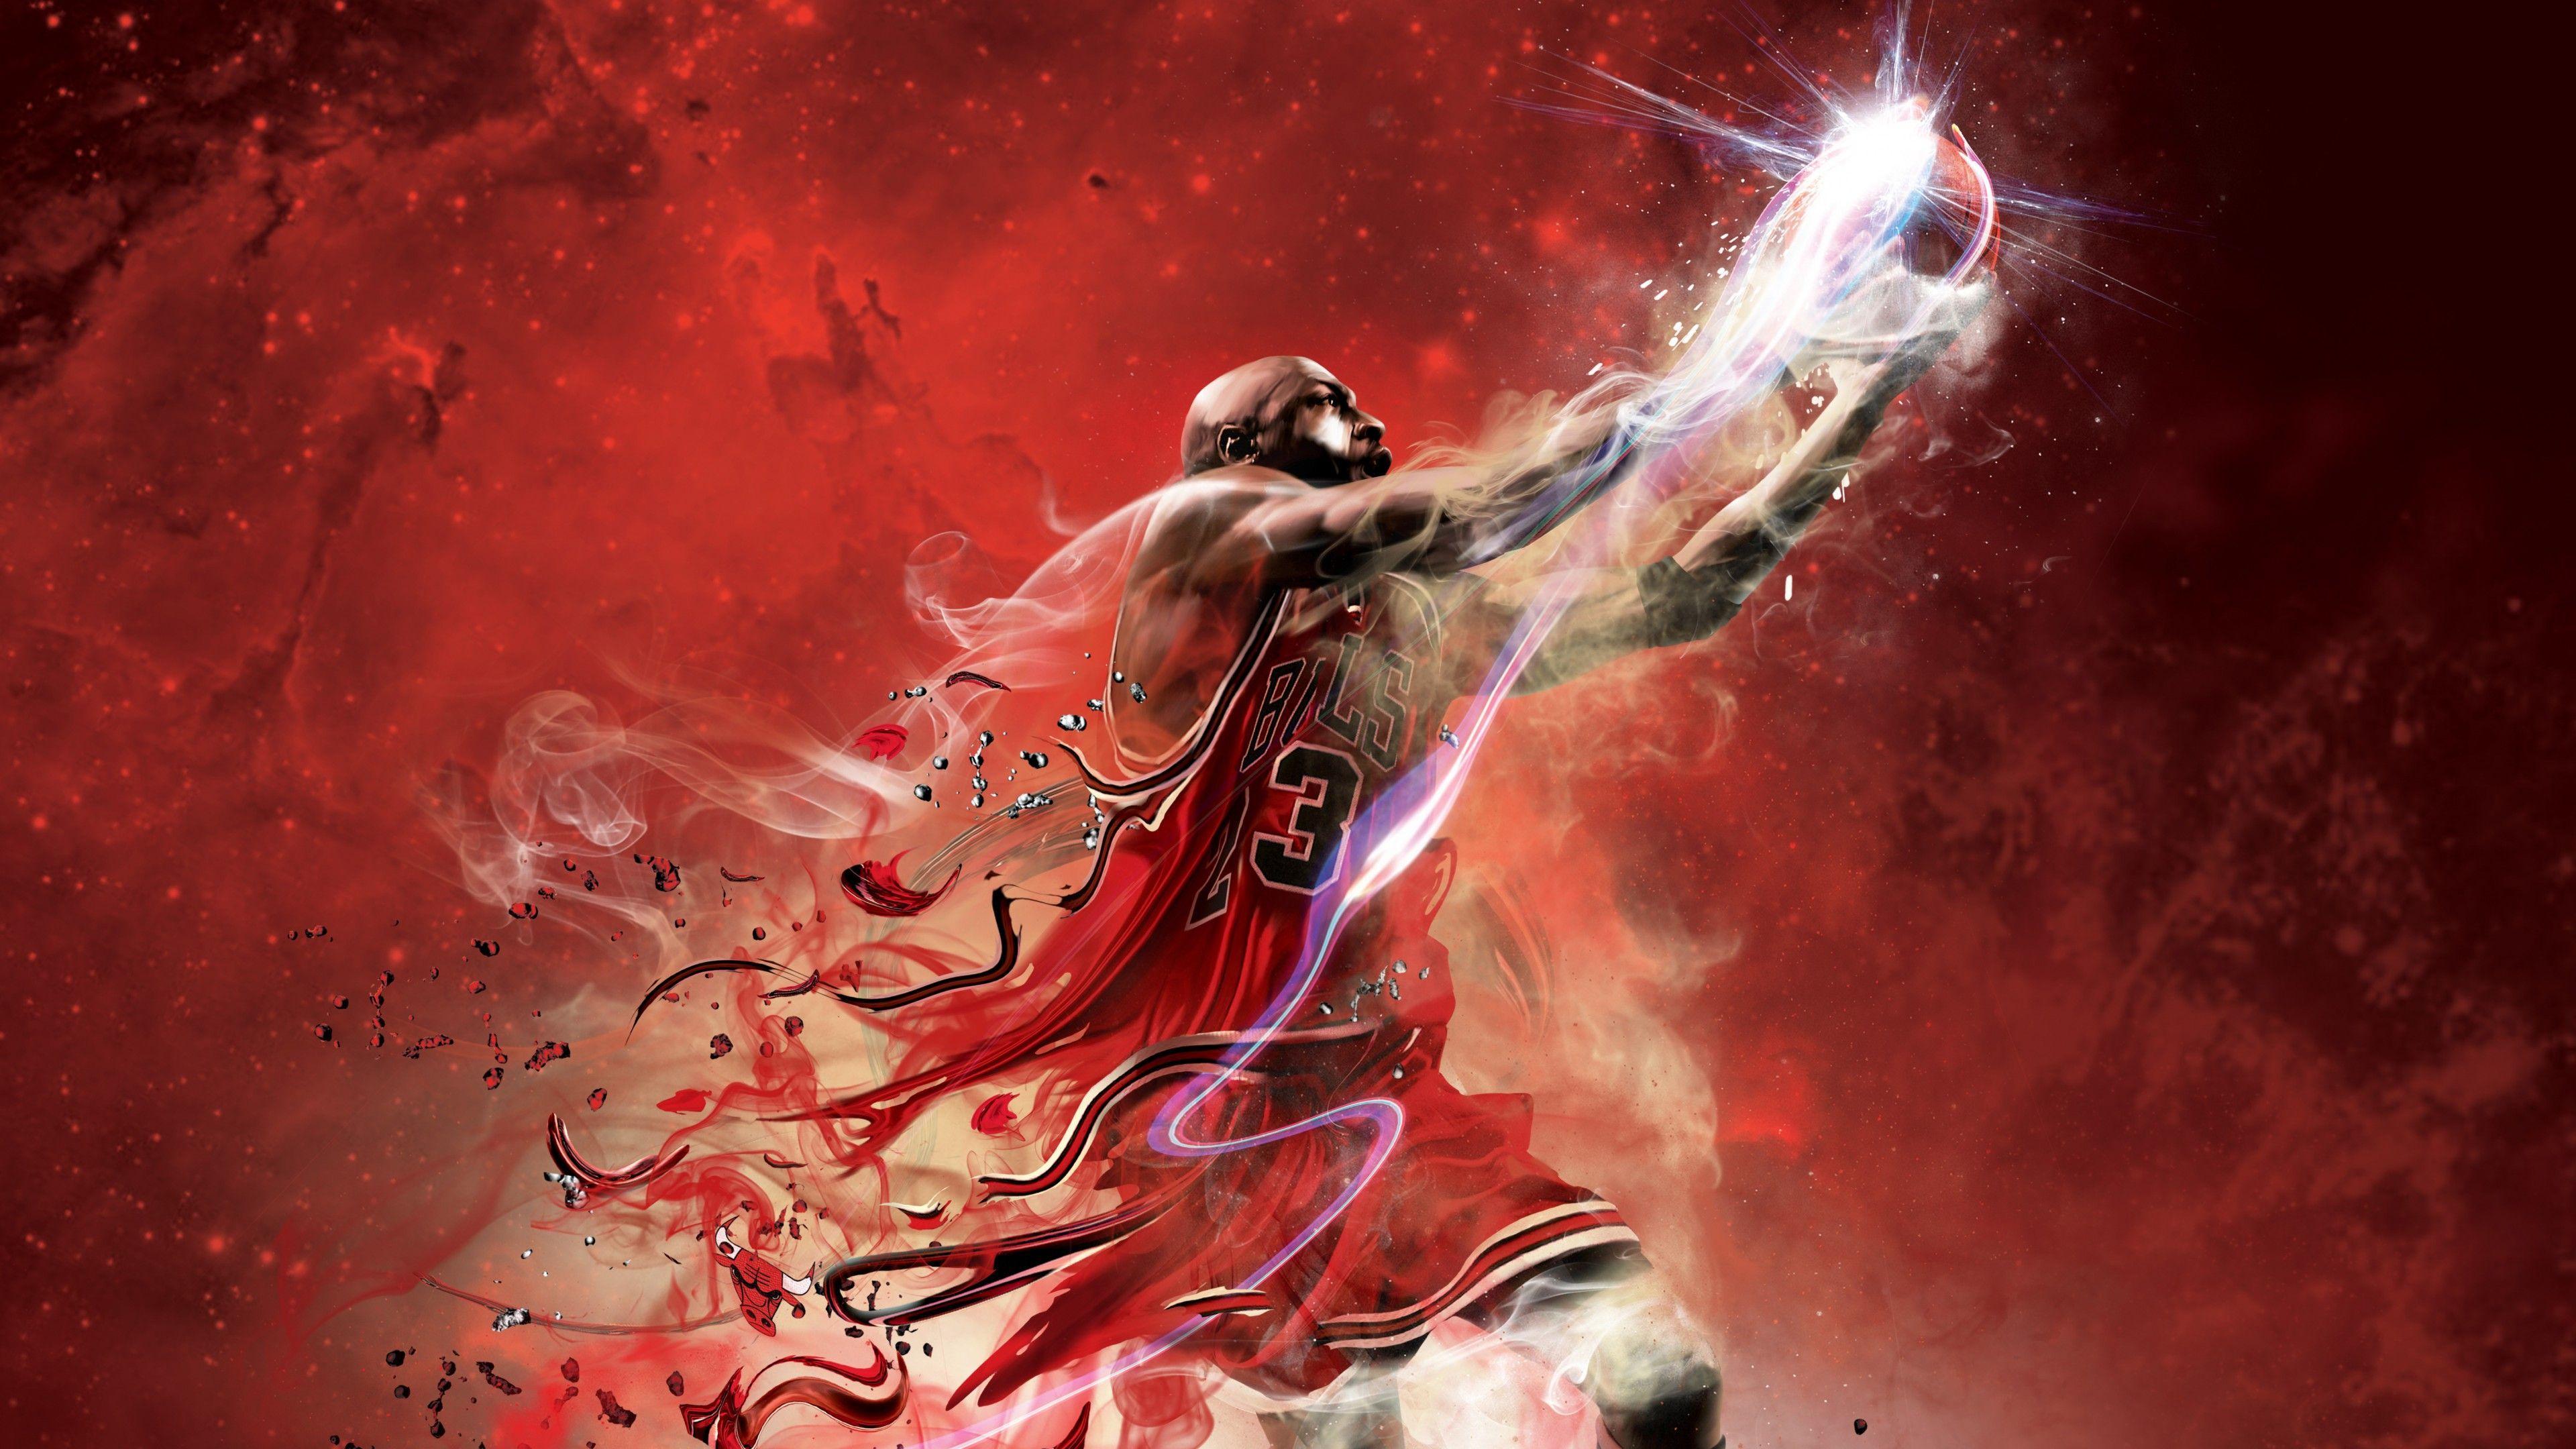 3840x2160 Hình nền Michael Jordan, NBA, Bóng rổ, độ phân giải cao, 4K, các môn thể thao